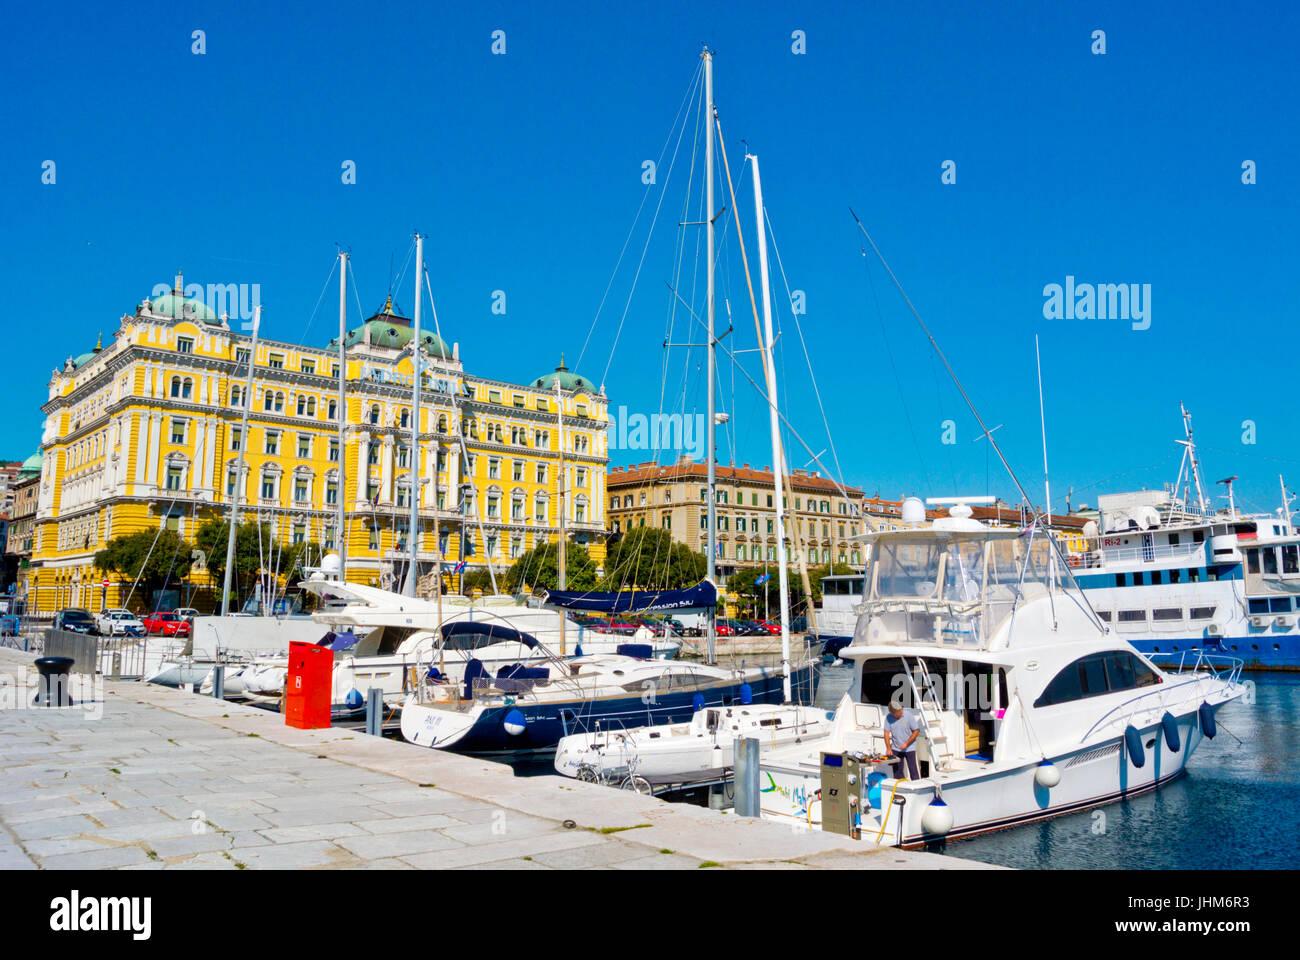 Private Boote, Hafen von Riva am Meer Straße, Rijeka, Kvarner Bucht, Kroatien Stockbild